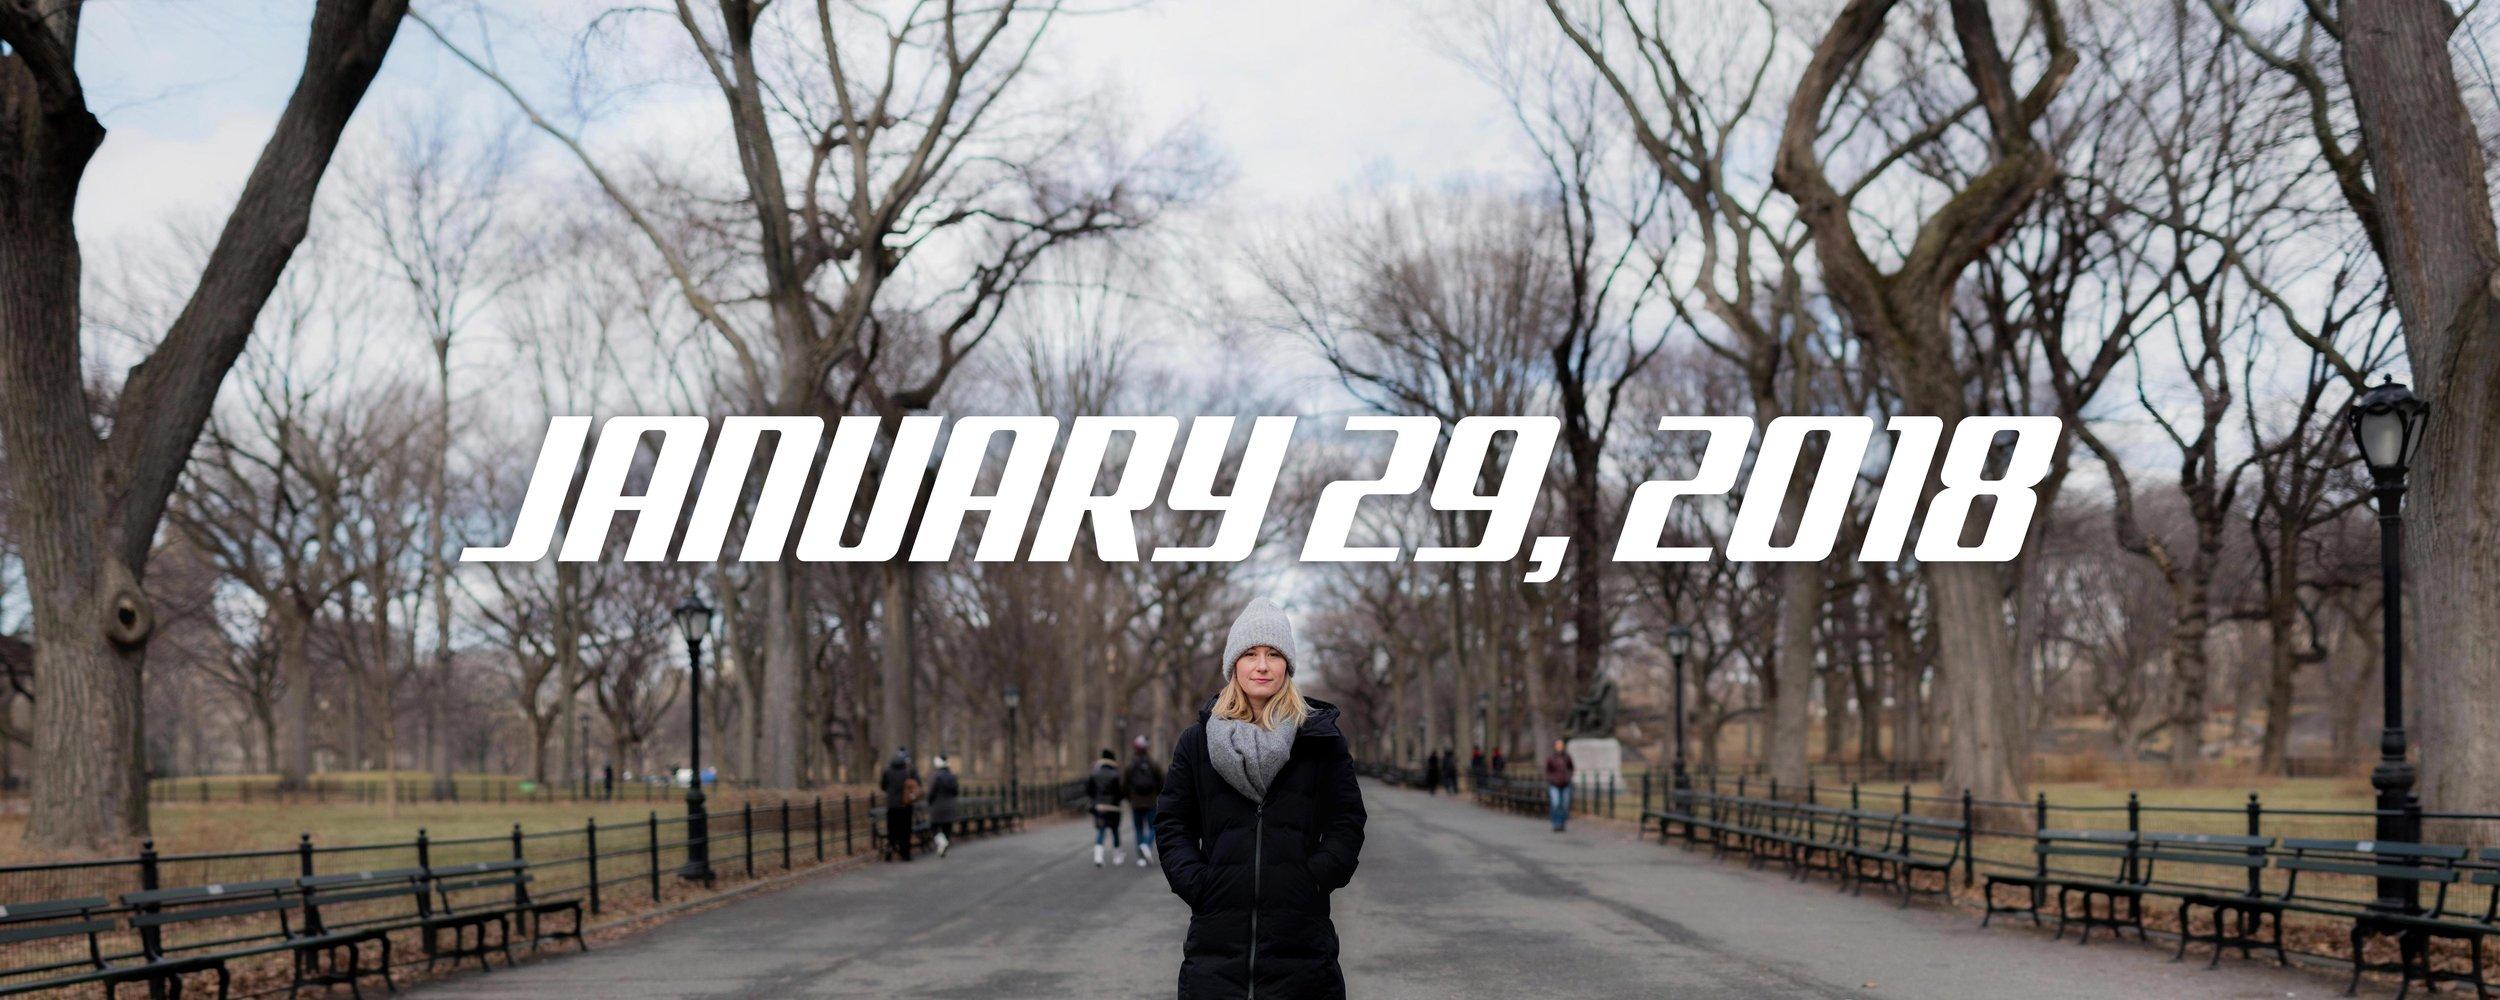 WEEKLY-COVER-01-29-18.jpg